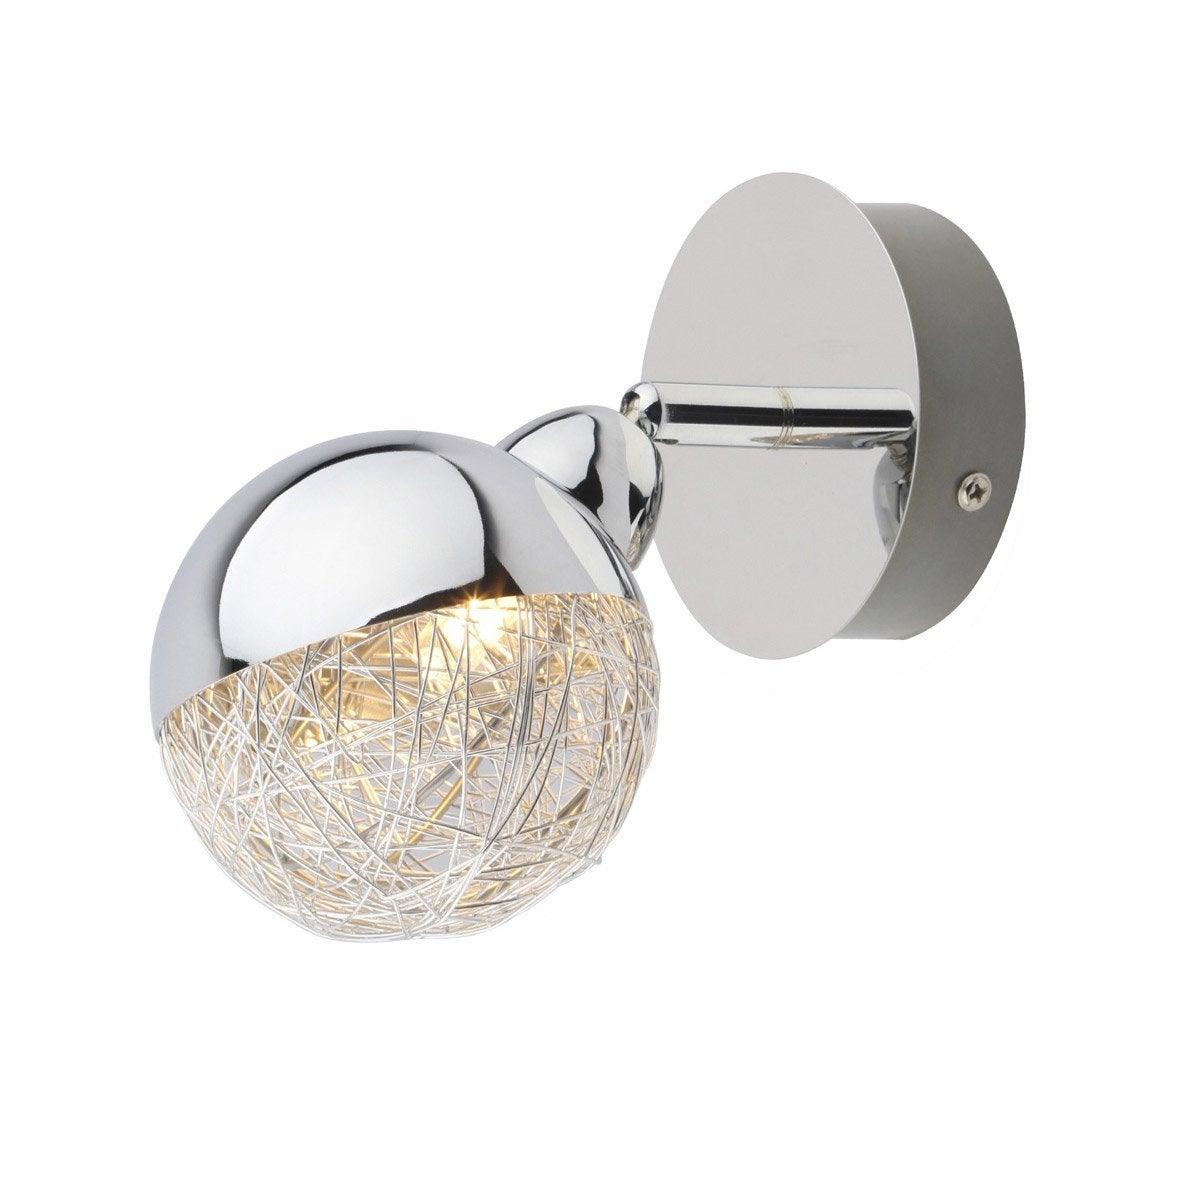 spot pat re sans ampoule 1 x g9 chrome crea inspire leroy merlin. Black Bedroom Furniture Sets. Home Design Ideas